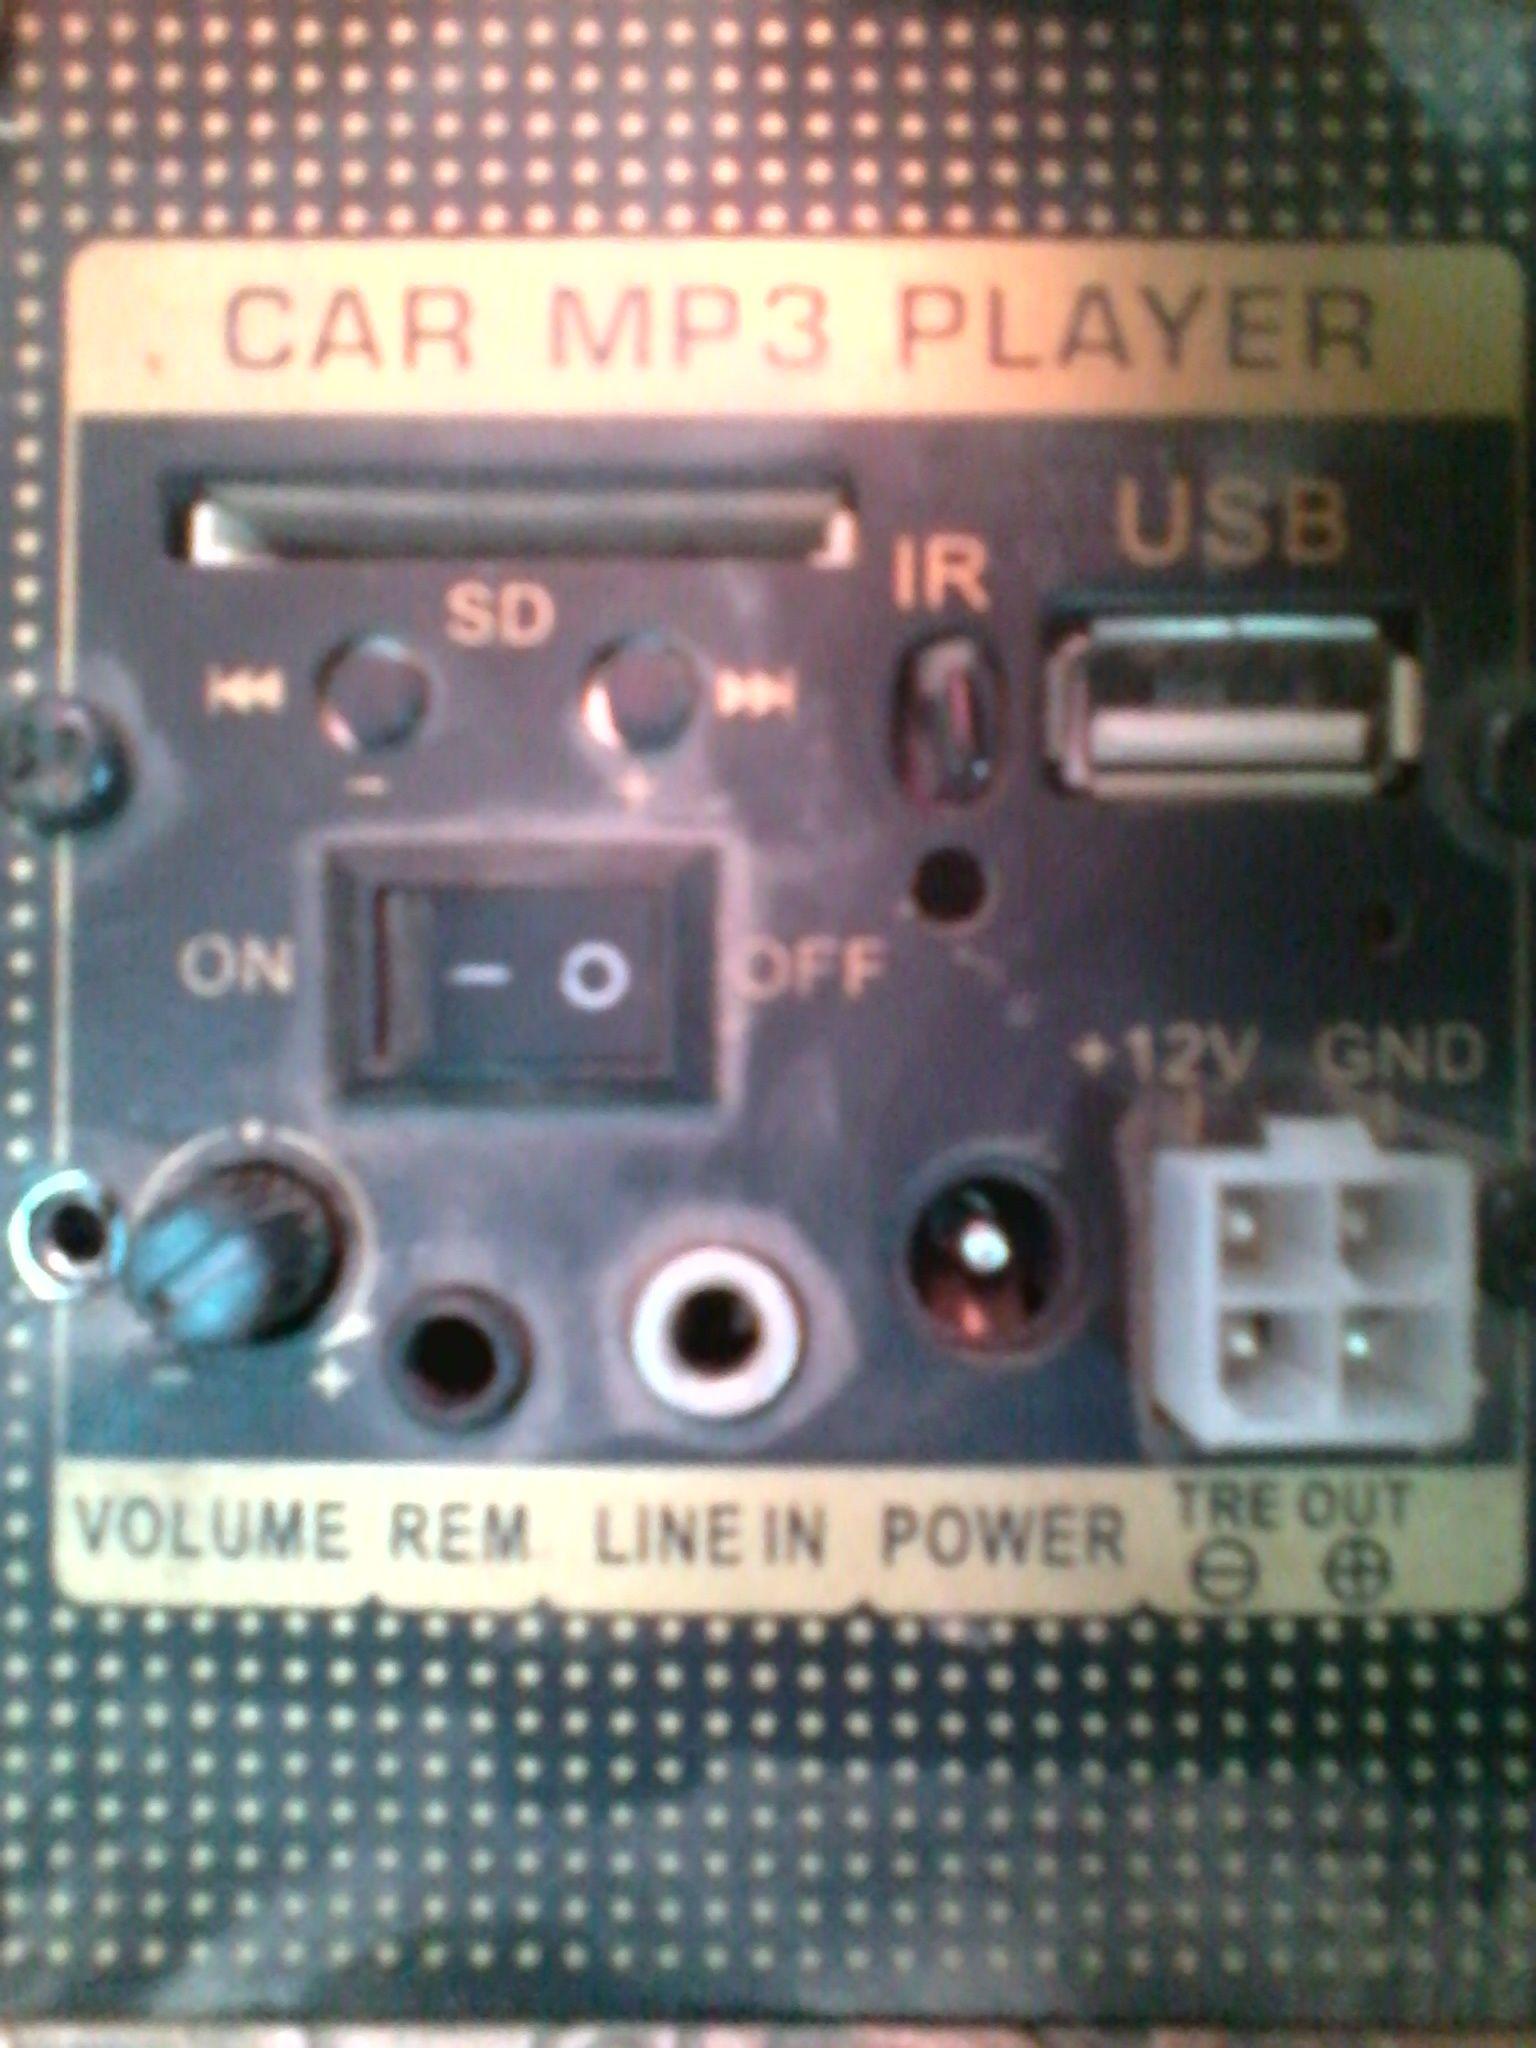 低音炮该怎么连接?谢谢! [复制链接]   汽车低音炮怎么连接到高清图片